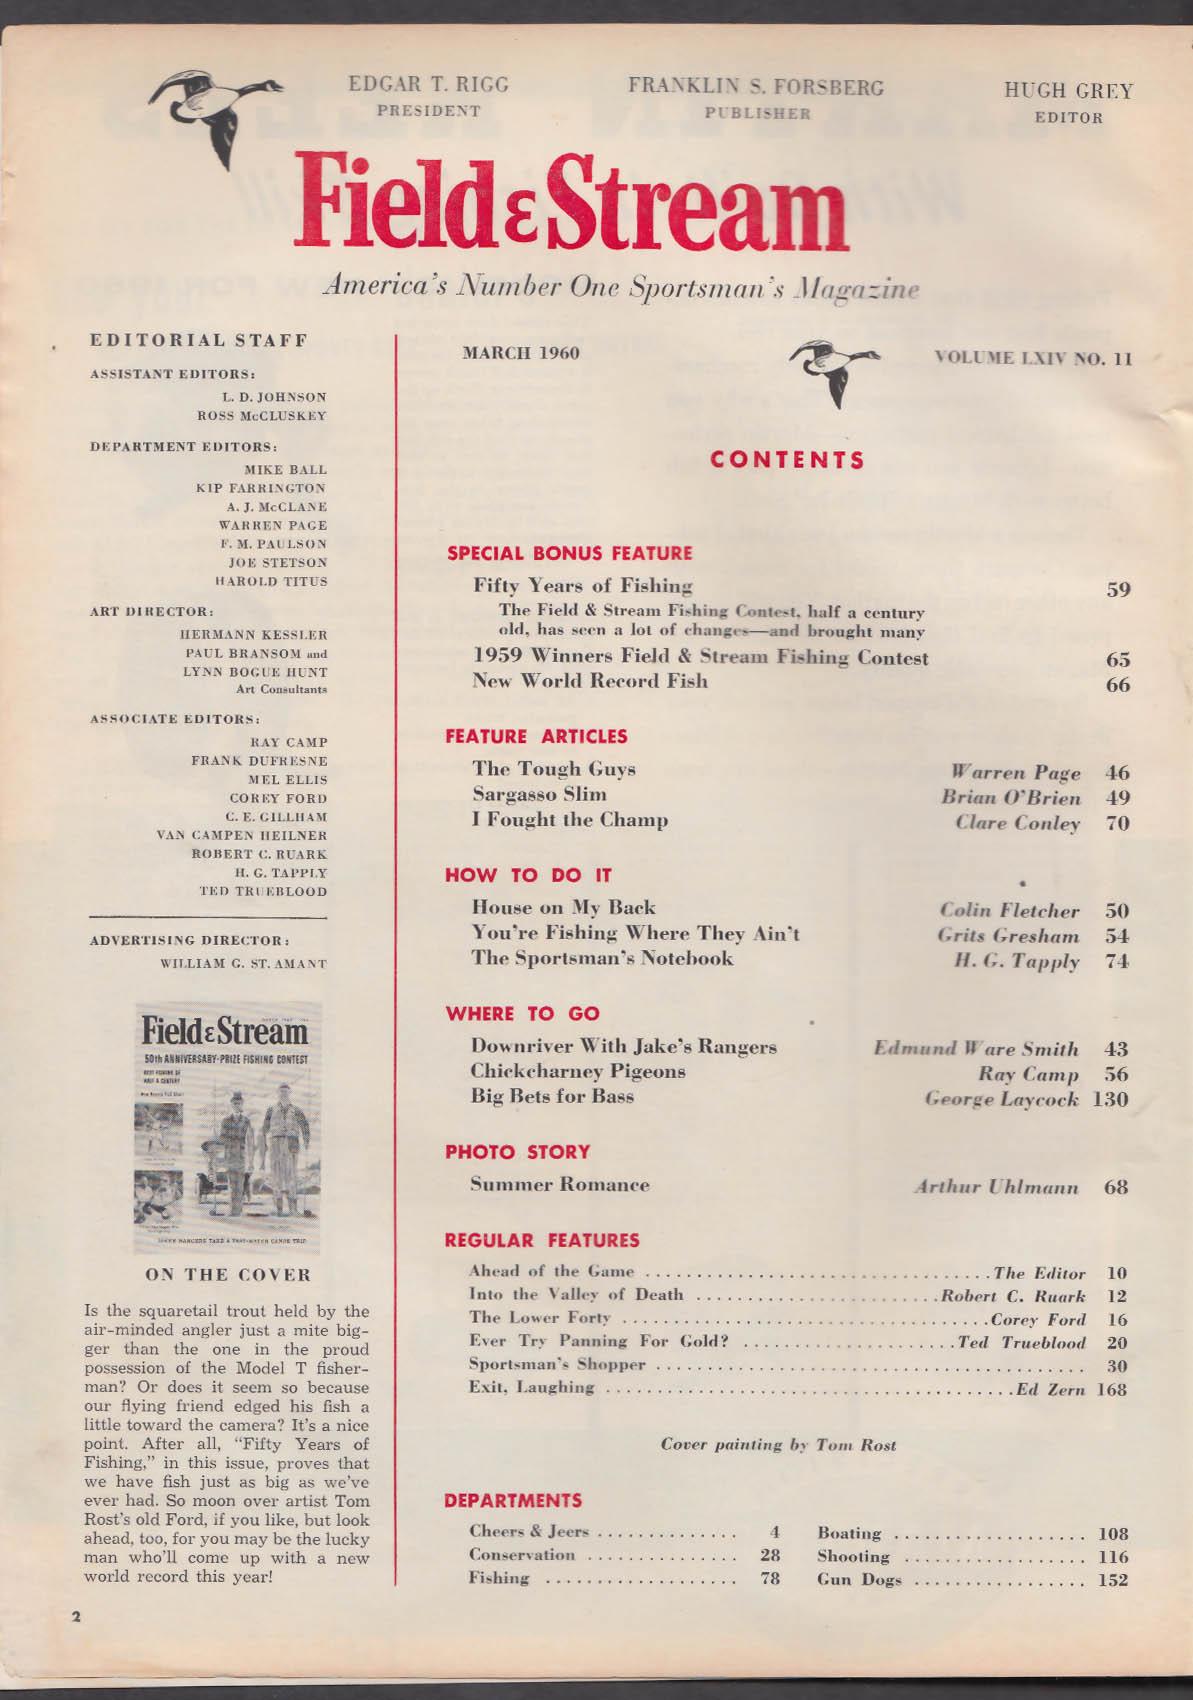 FIELD & STREAM Fishing Warren Page Jake's Rangers Chickcharney Pigeons + 3 1960